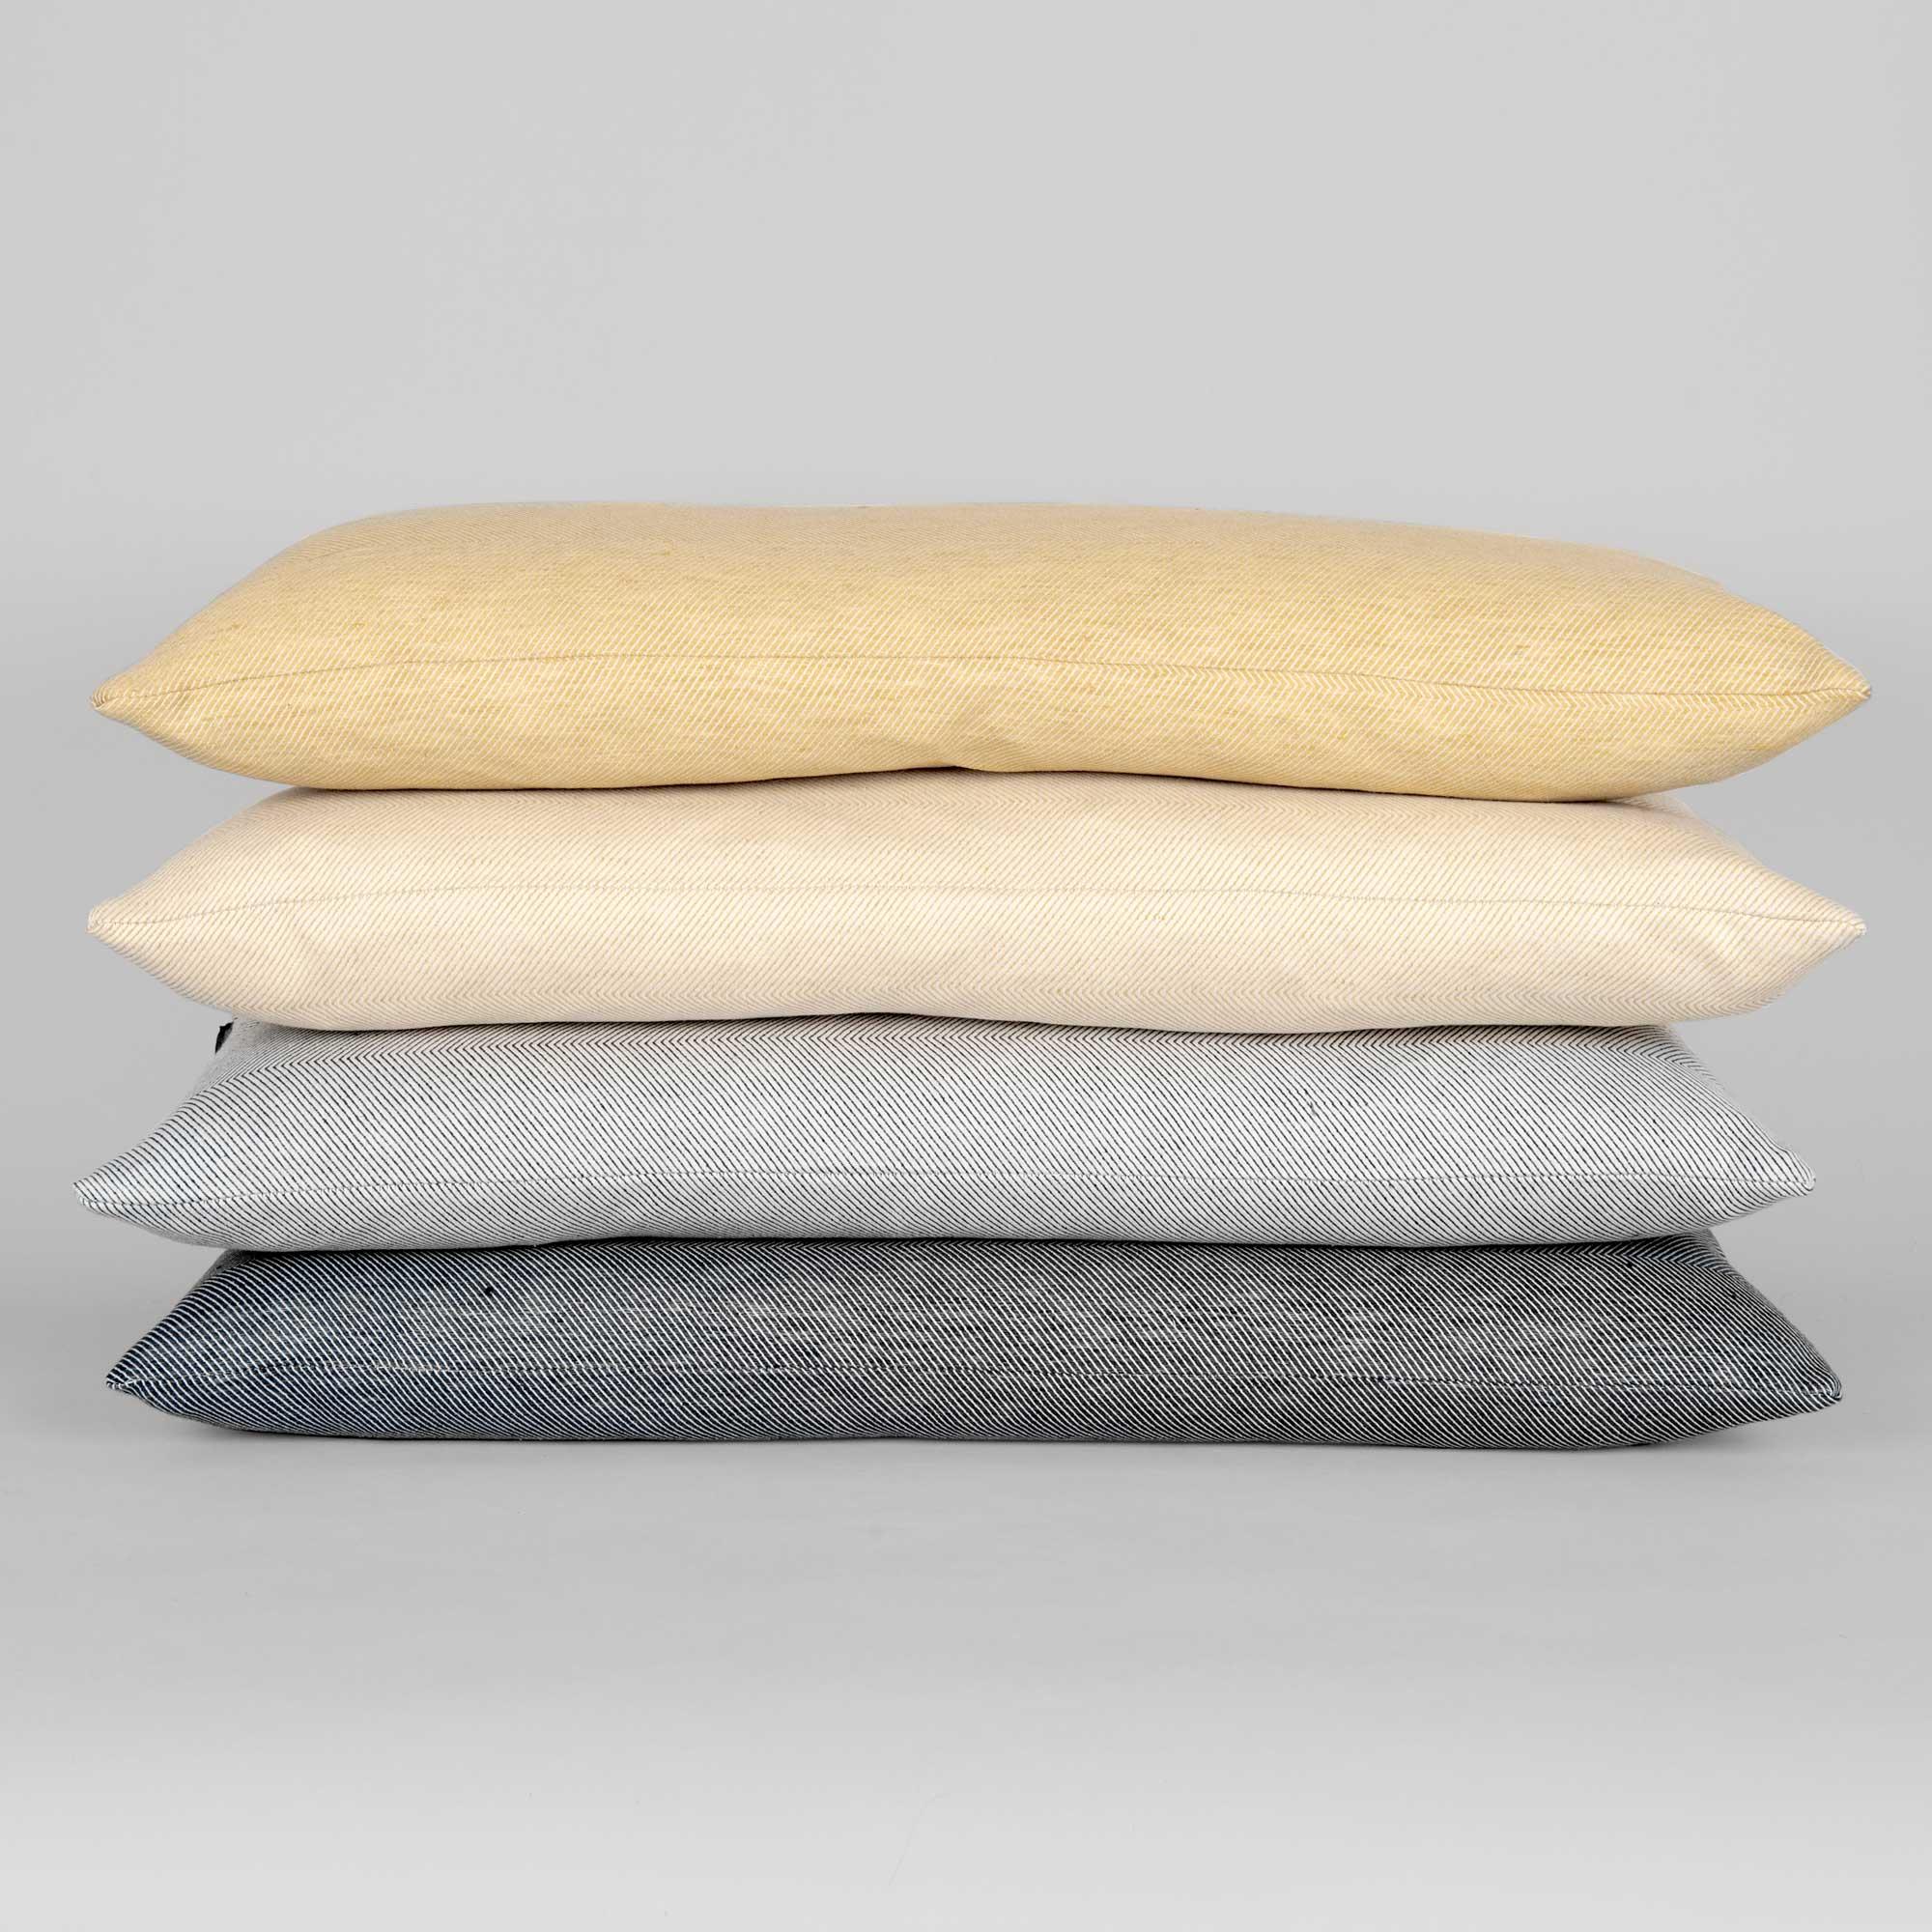 Rectangular cushions in linen/cotton herringbone weave, design by Anne Rosenberg, RosenbergCph